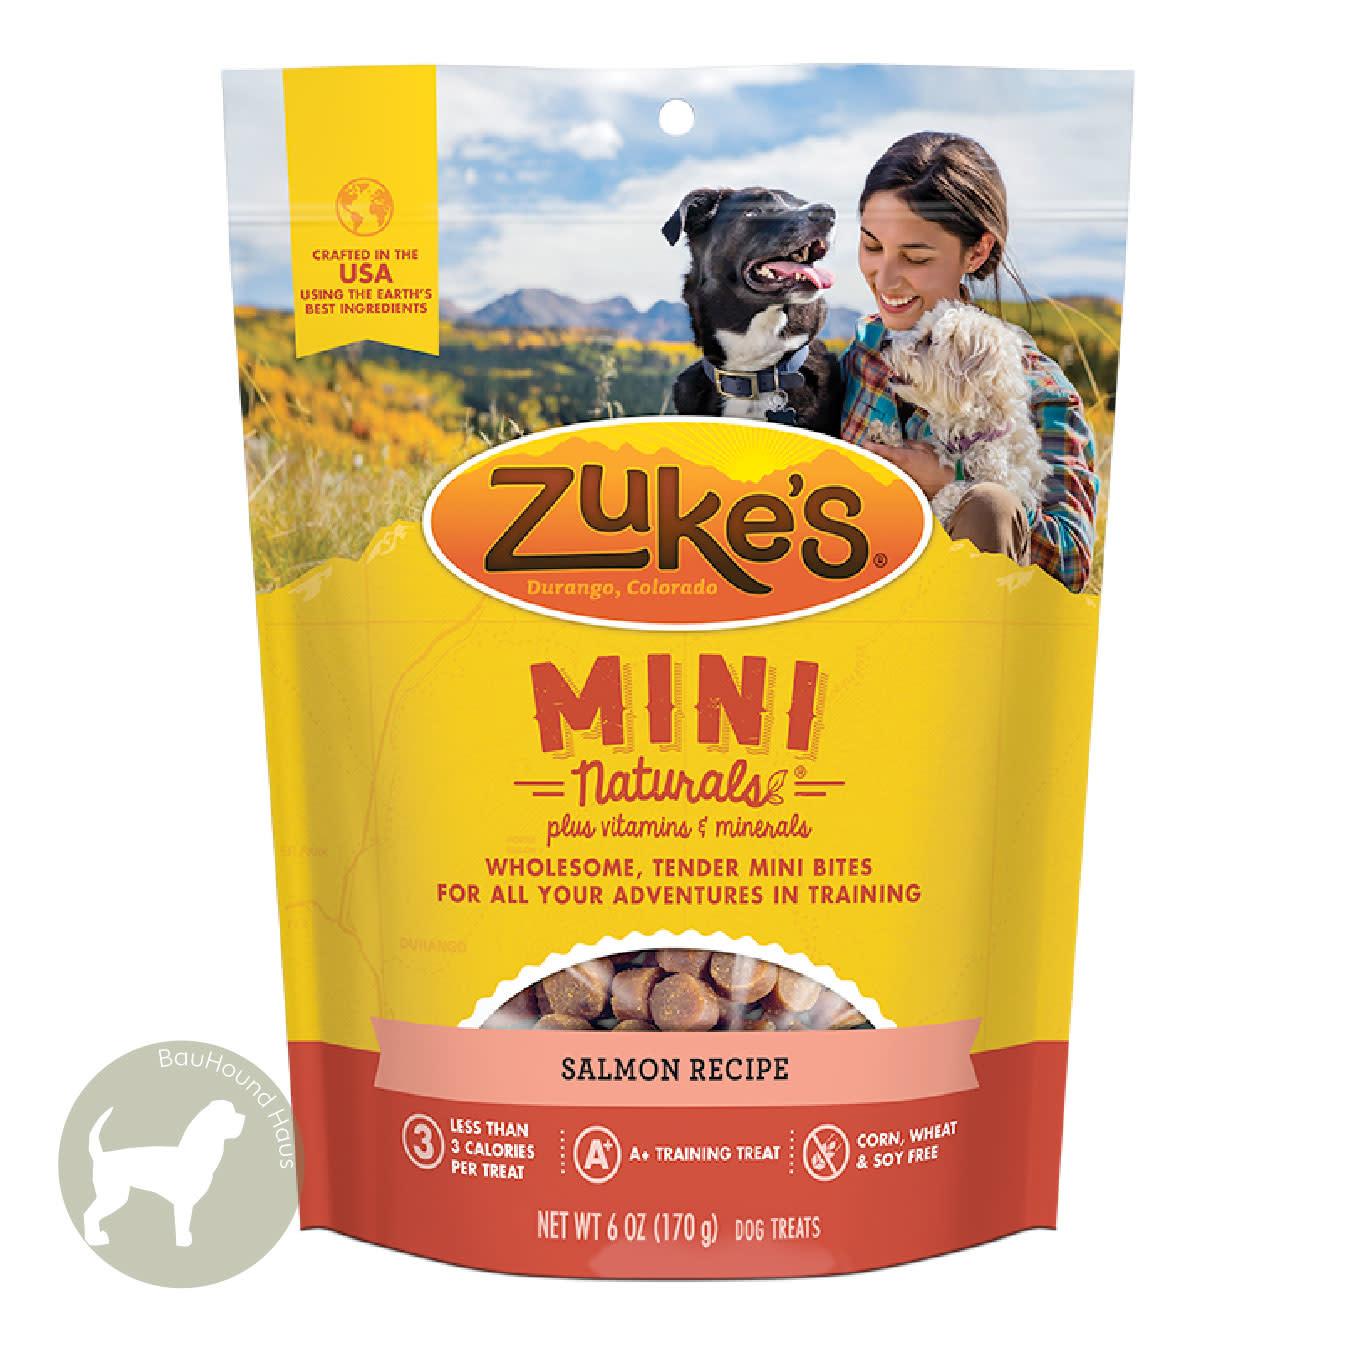 Zukes Zukes Mini Naturals Salmon Treats, 6oz